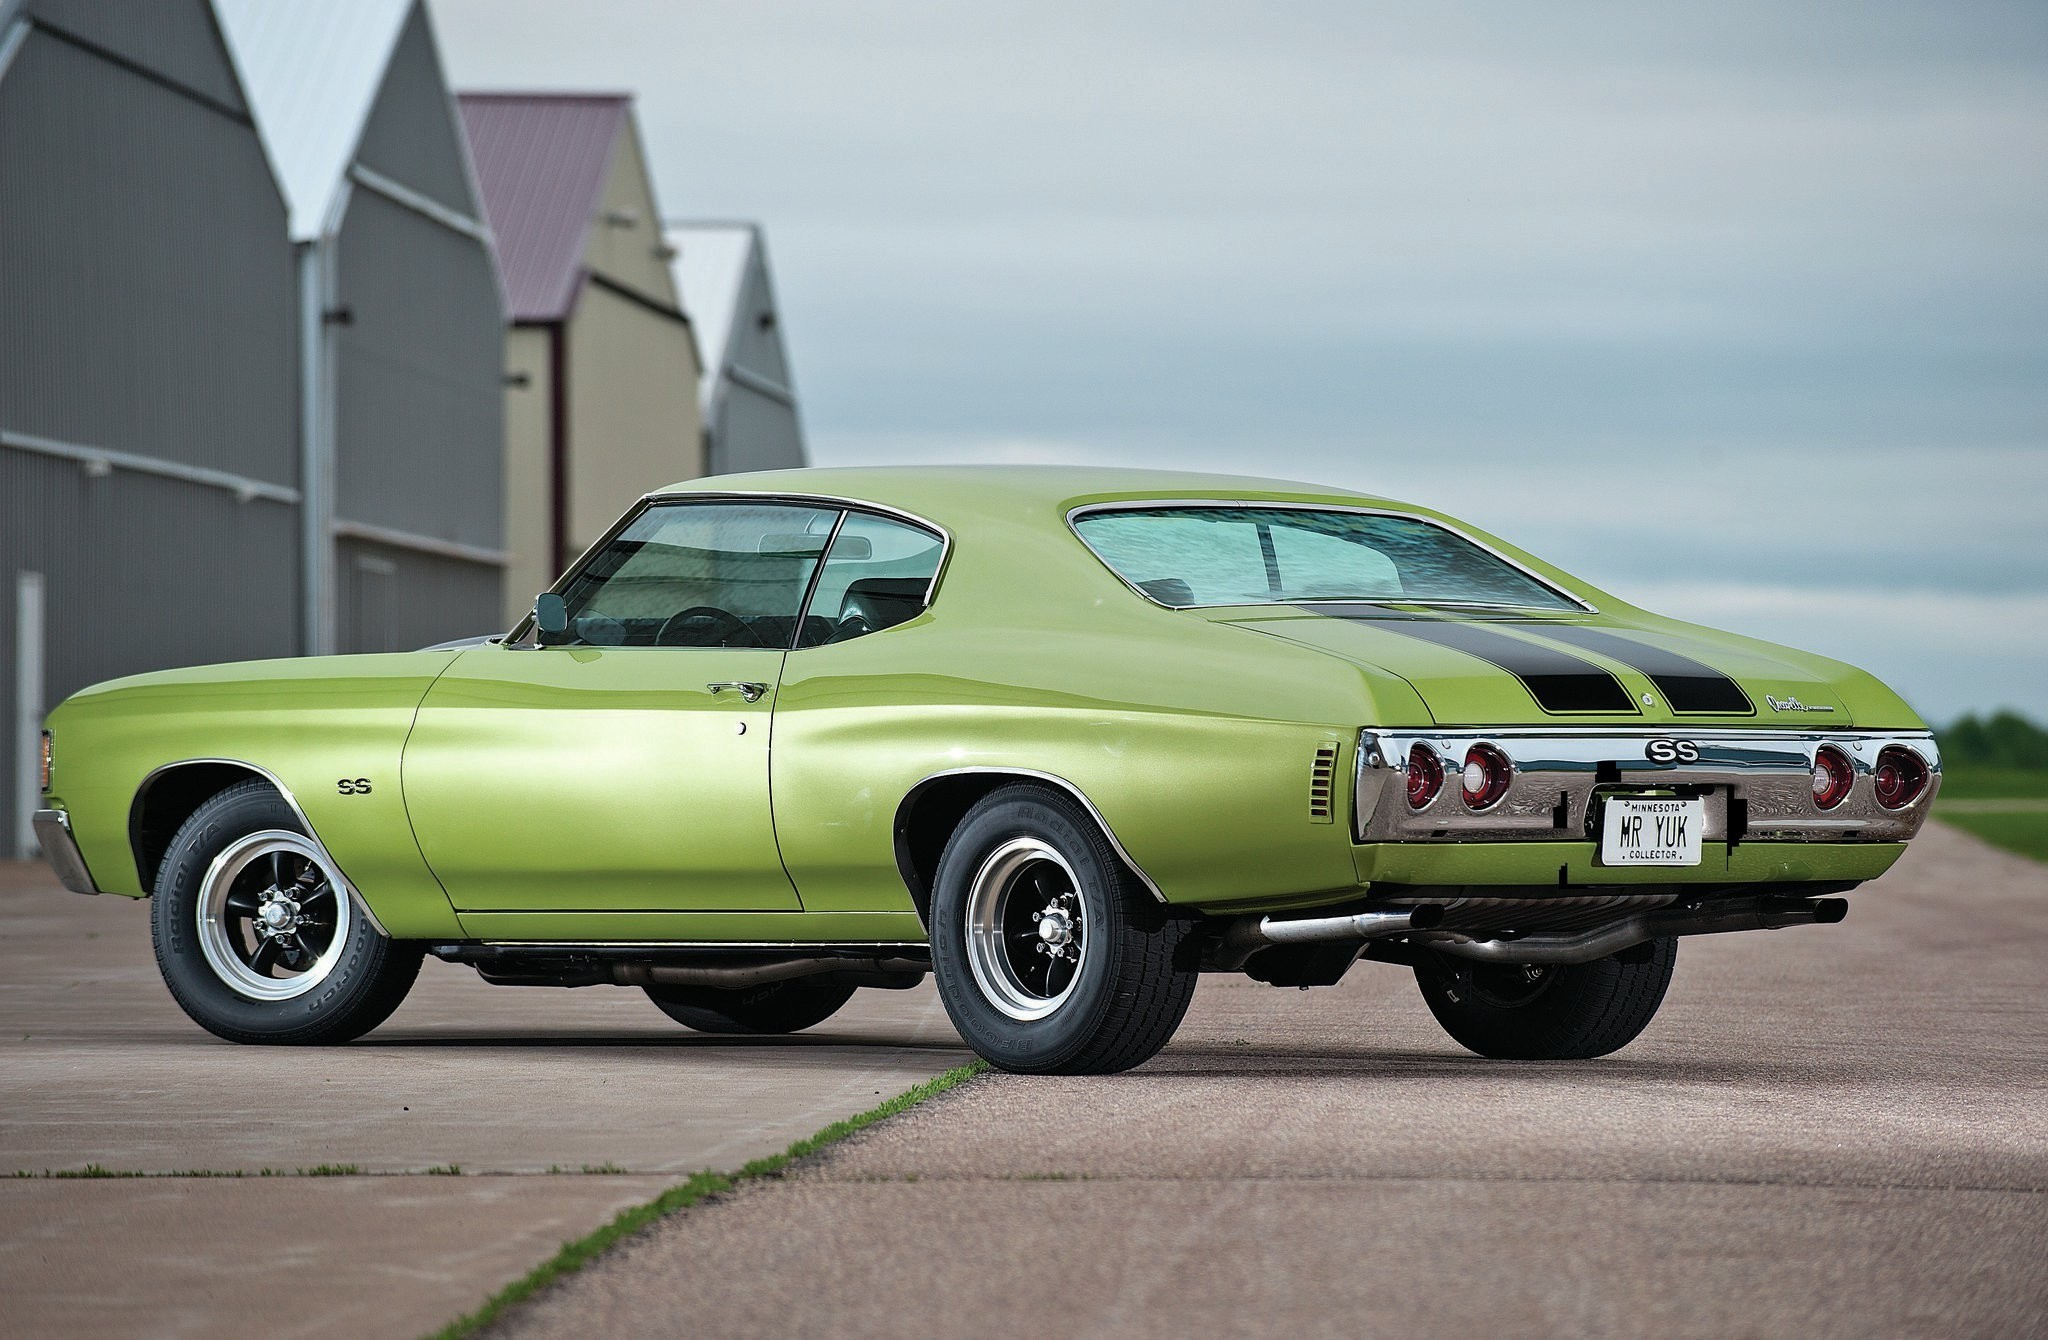 73977 скачать обои Тачки (Cars), 1972, Шевроле (Chevrolet), Chevelle, Зеленый, Машины - заставки и картинки бесплатно